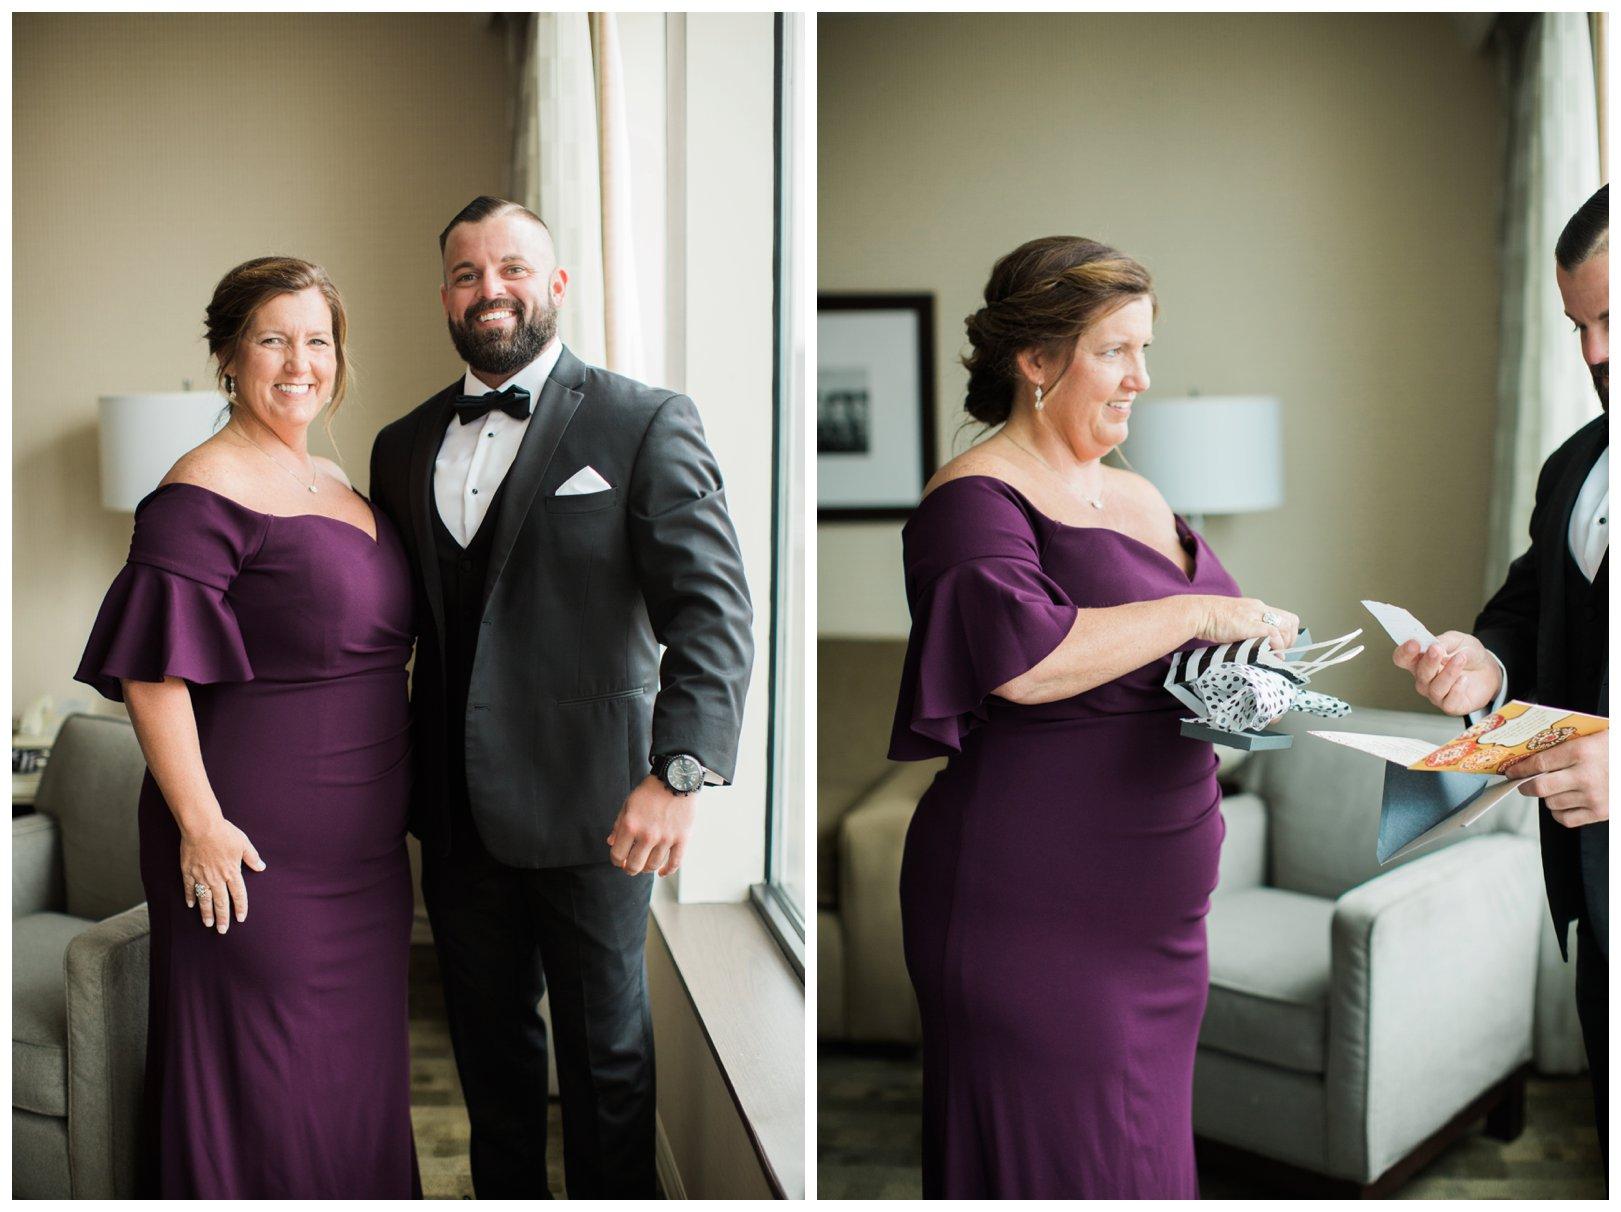 lauren muckler photography_fine art film wedding photography_st louis_photography_2132.jpg